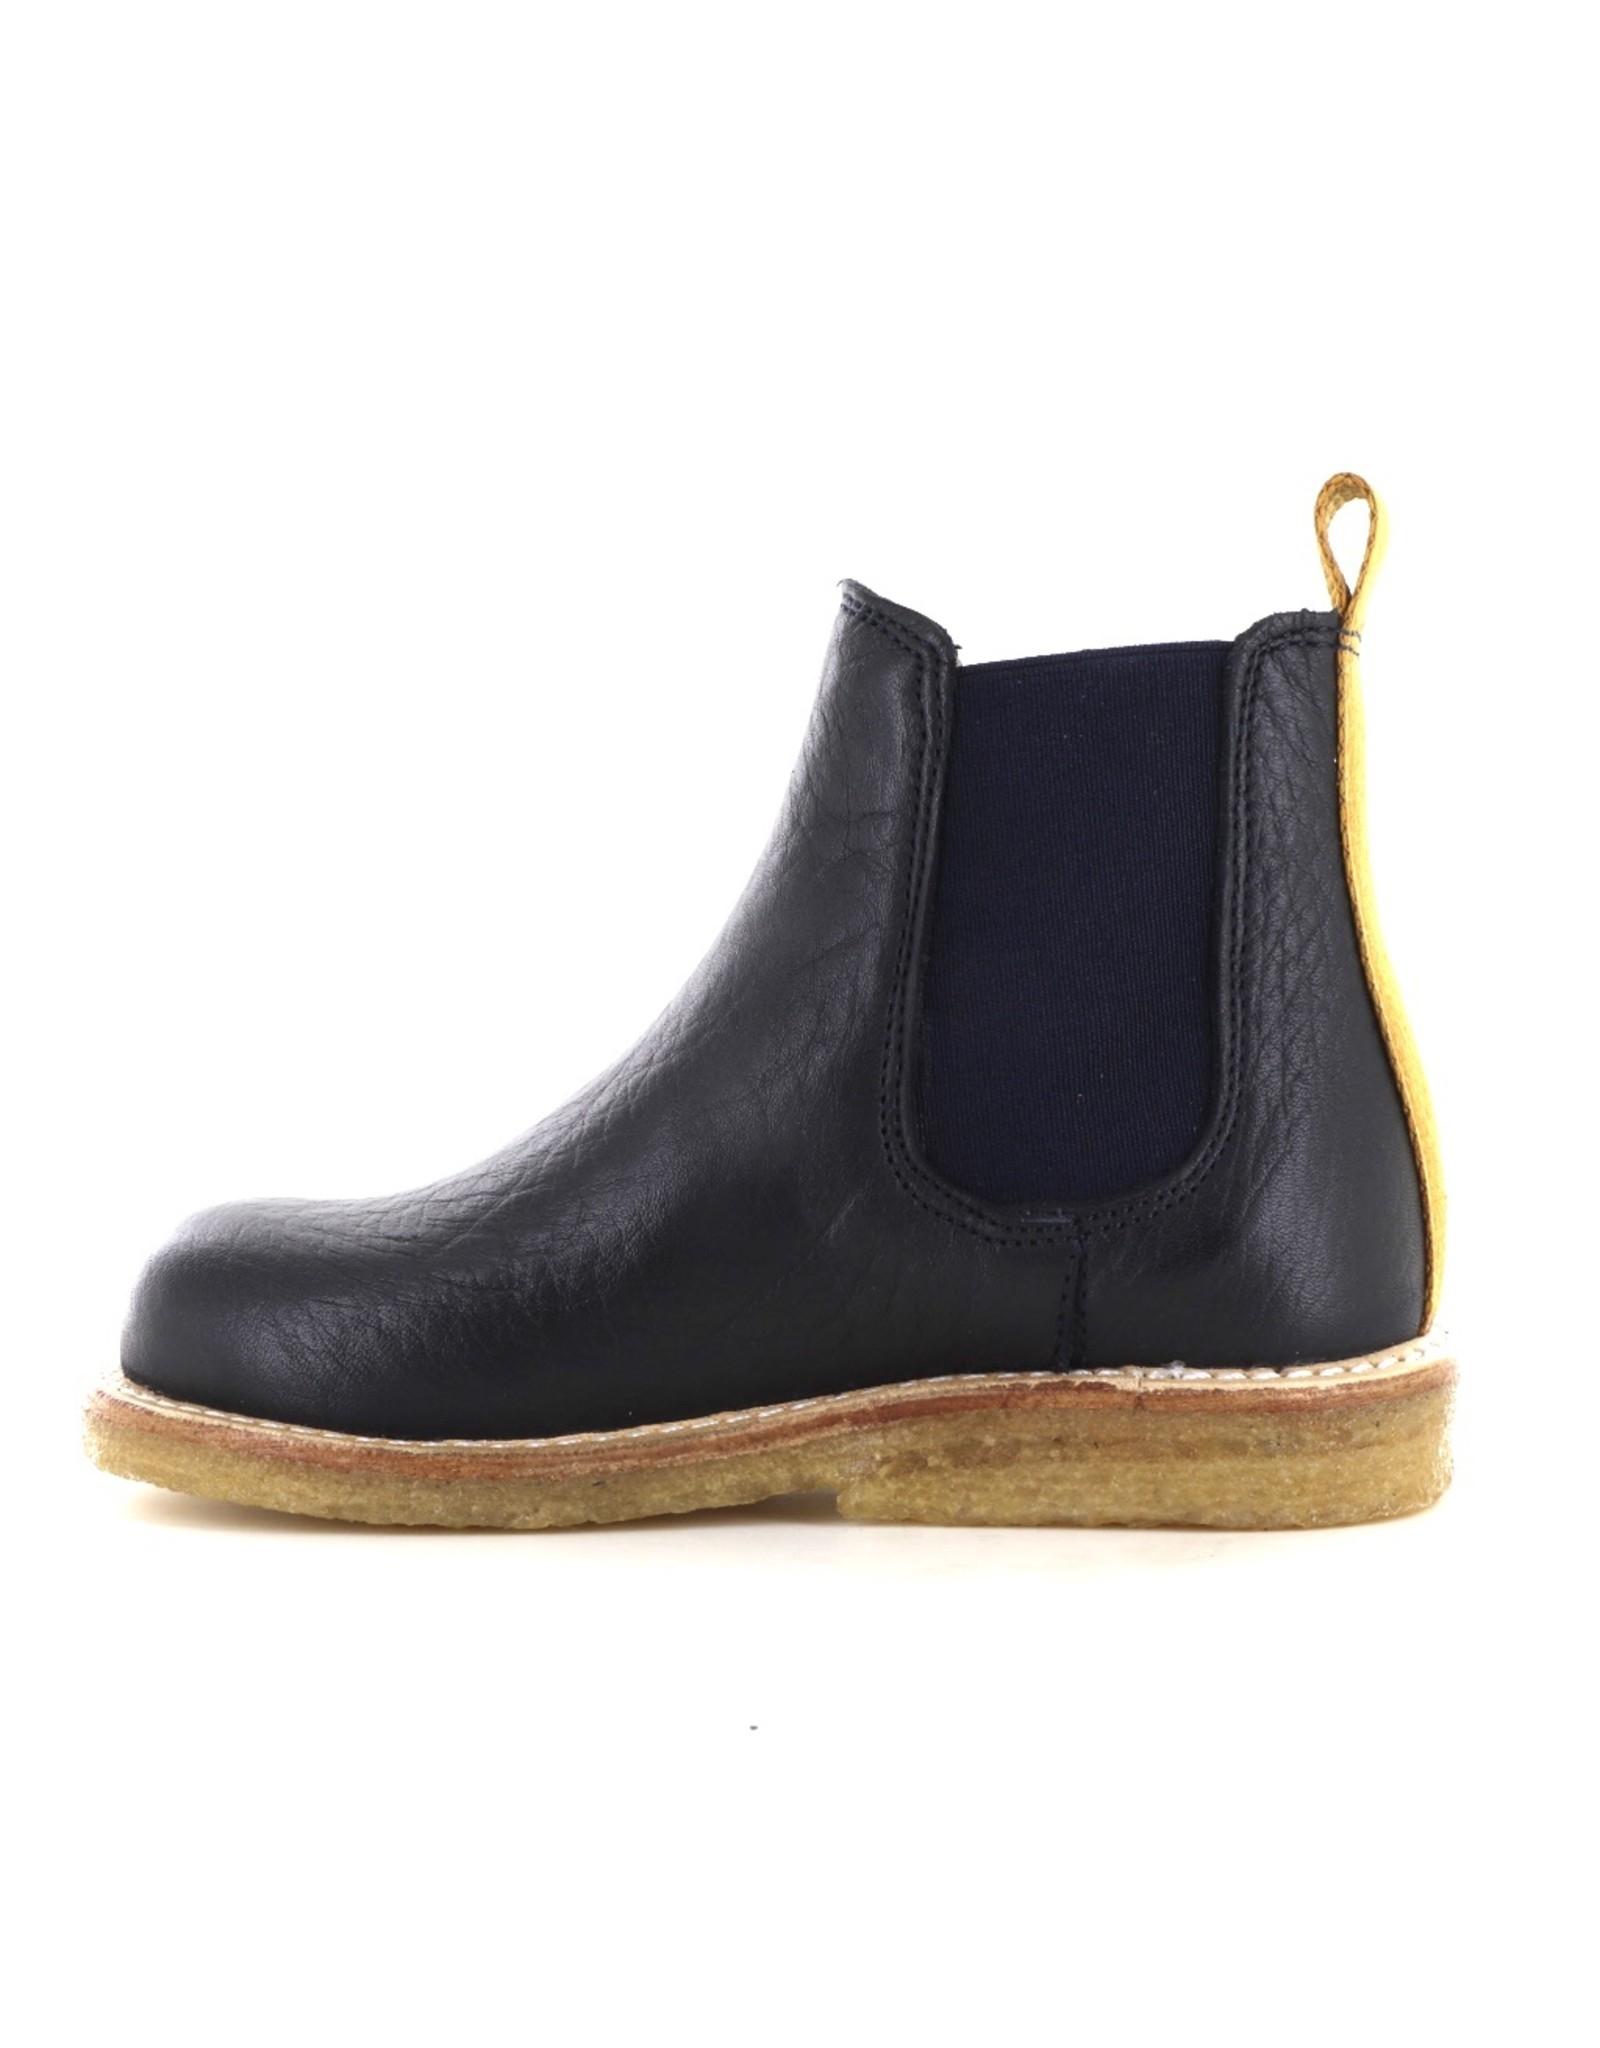 Angulus 2192 navy mustard